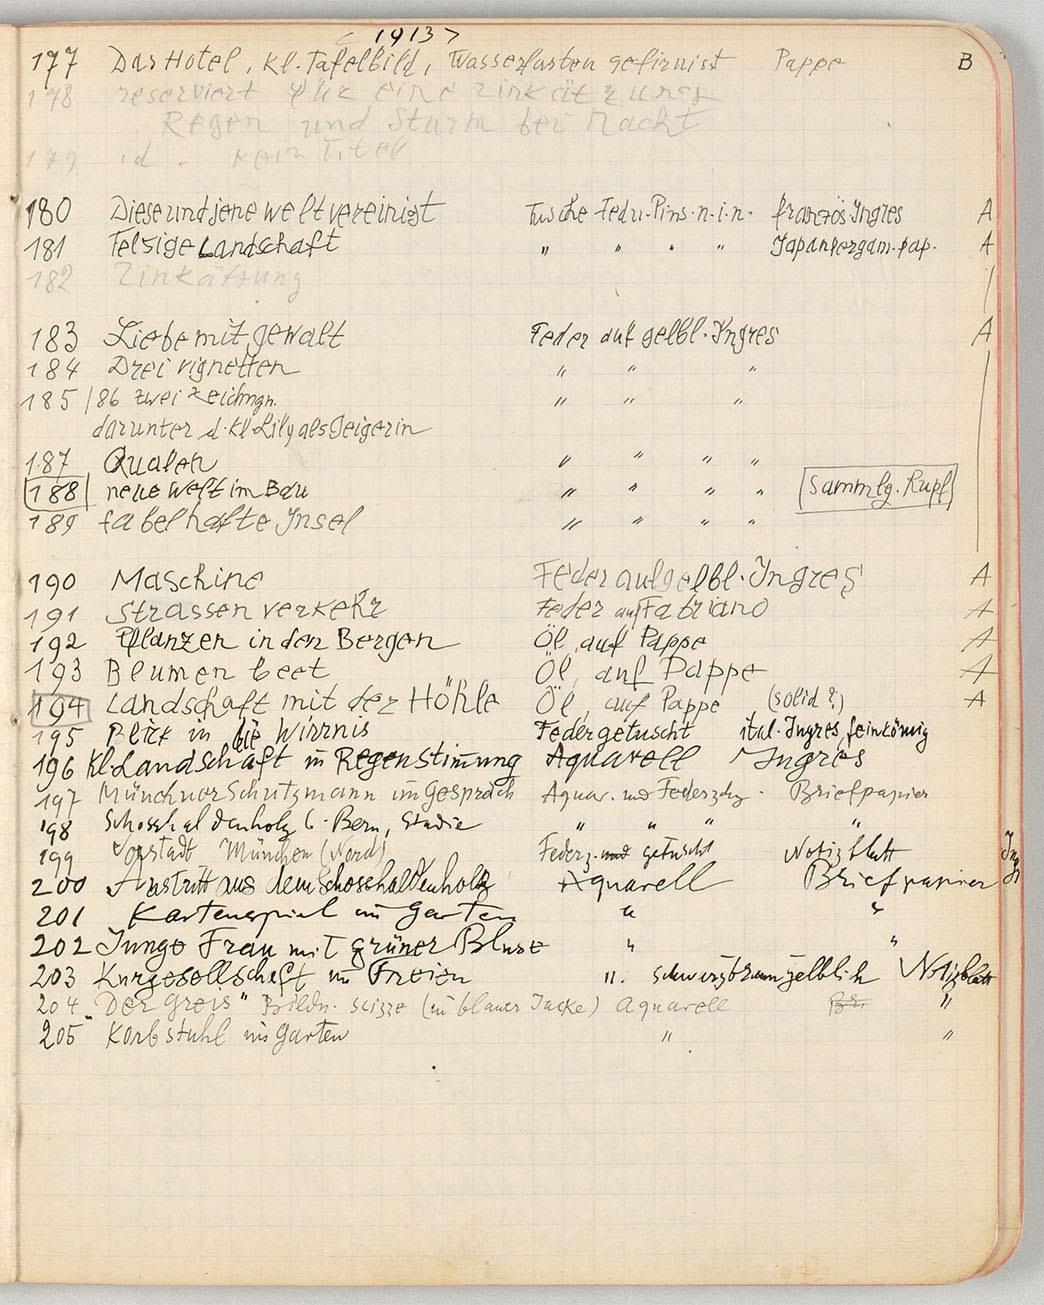 Abb.16 Paul Klee, Œuvre-Katalog 1883-1917, 1913, 177-205 [S. 79], Zentrum Paul Klee, Bern ©Zentrum Paul Klee, Bern, Bildarchiv